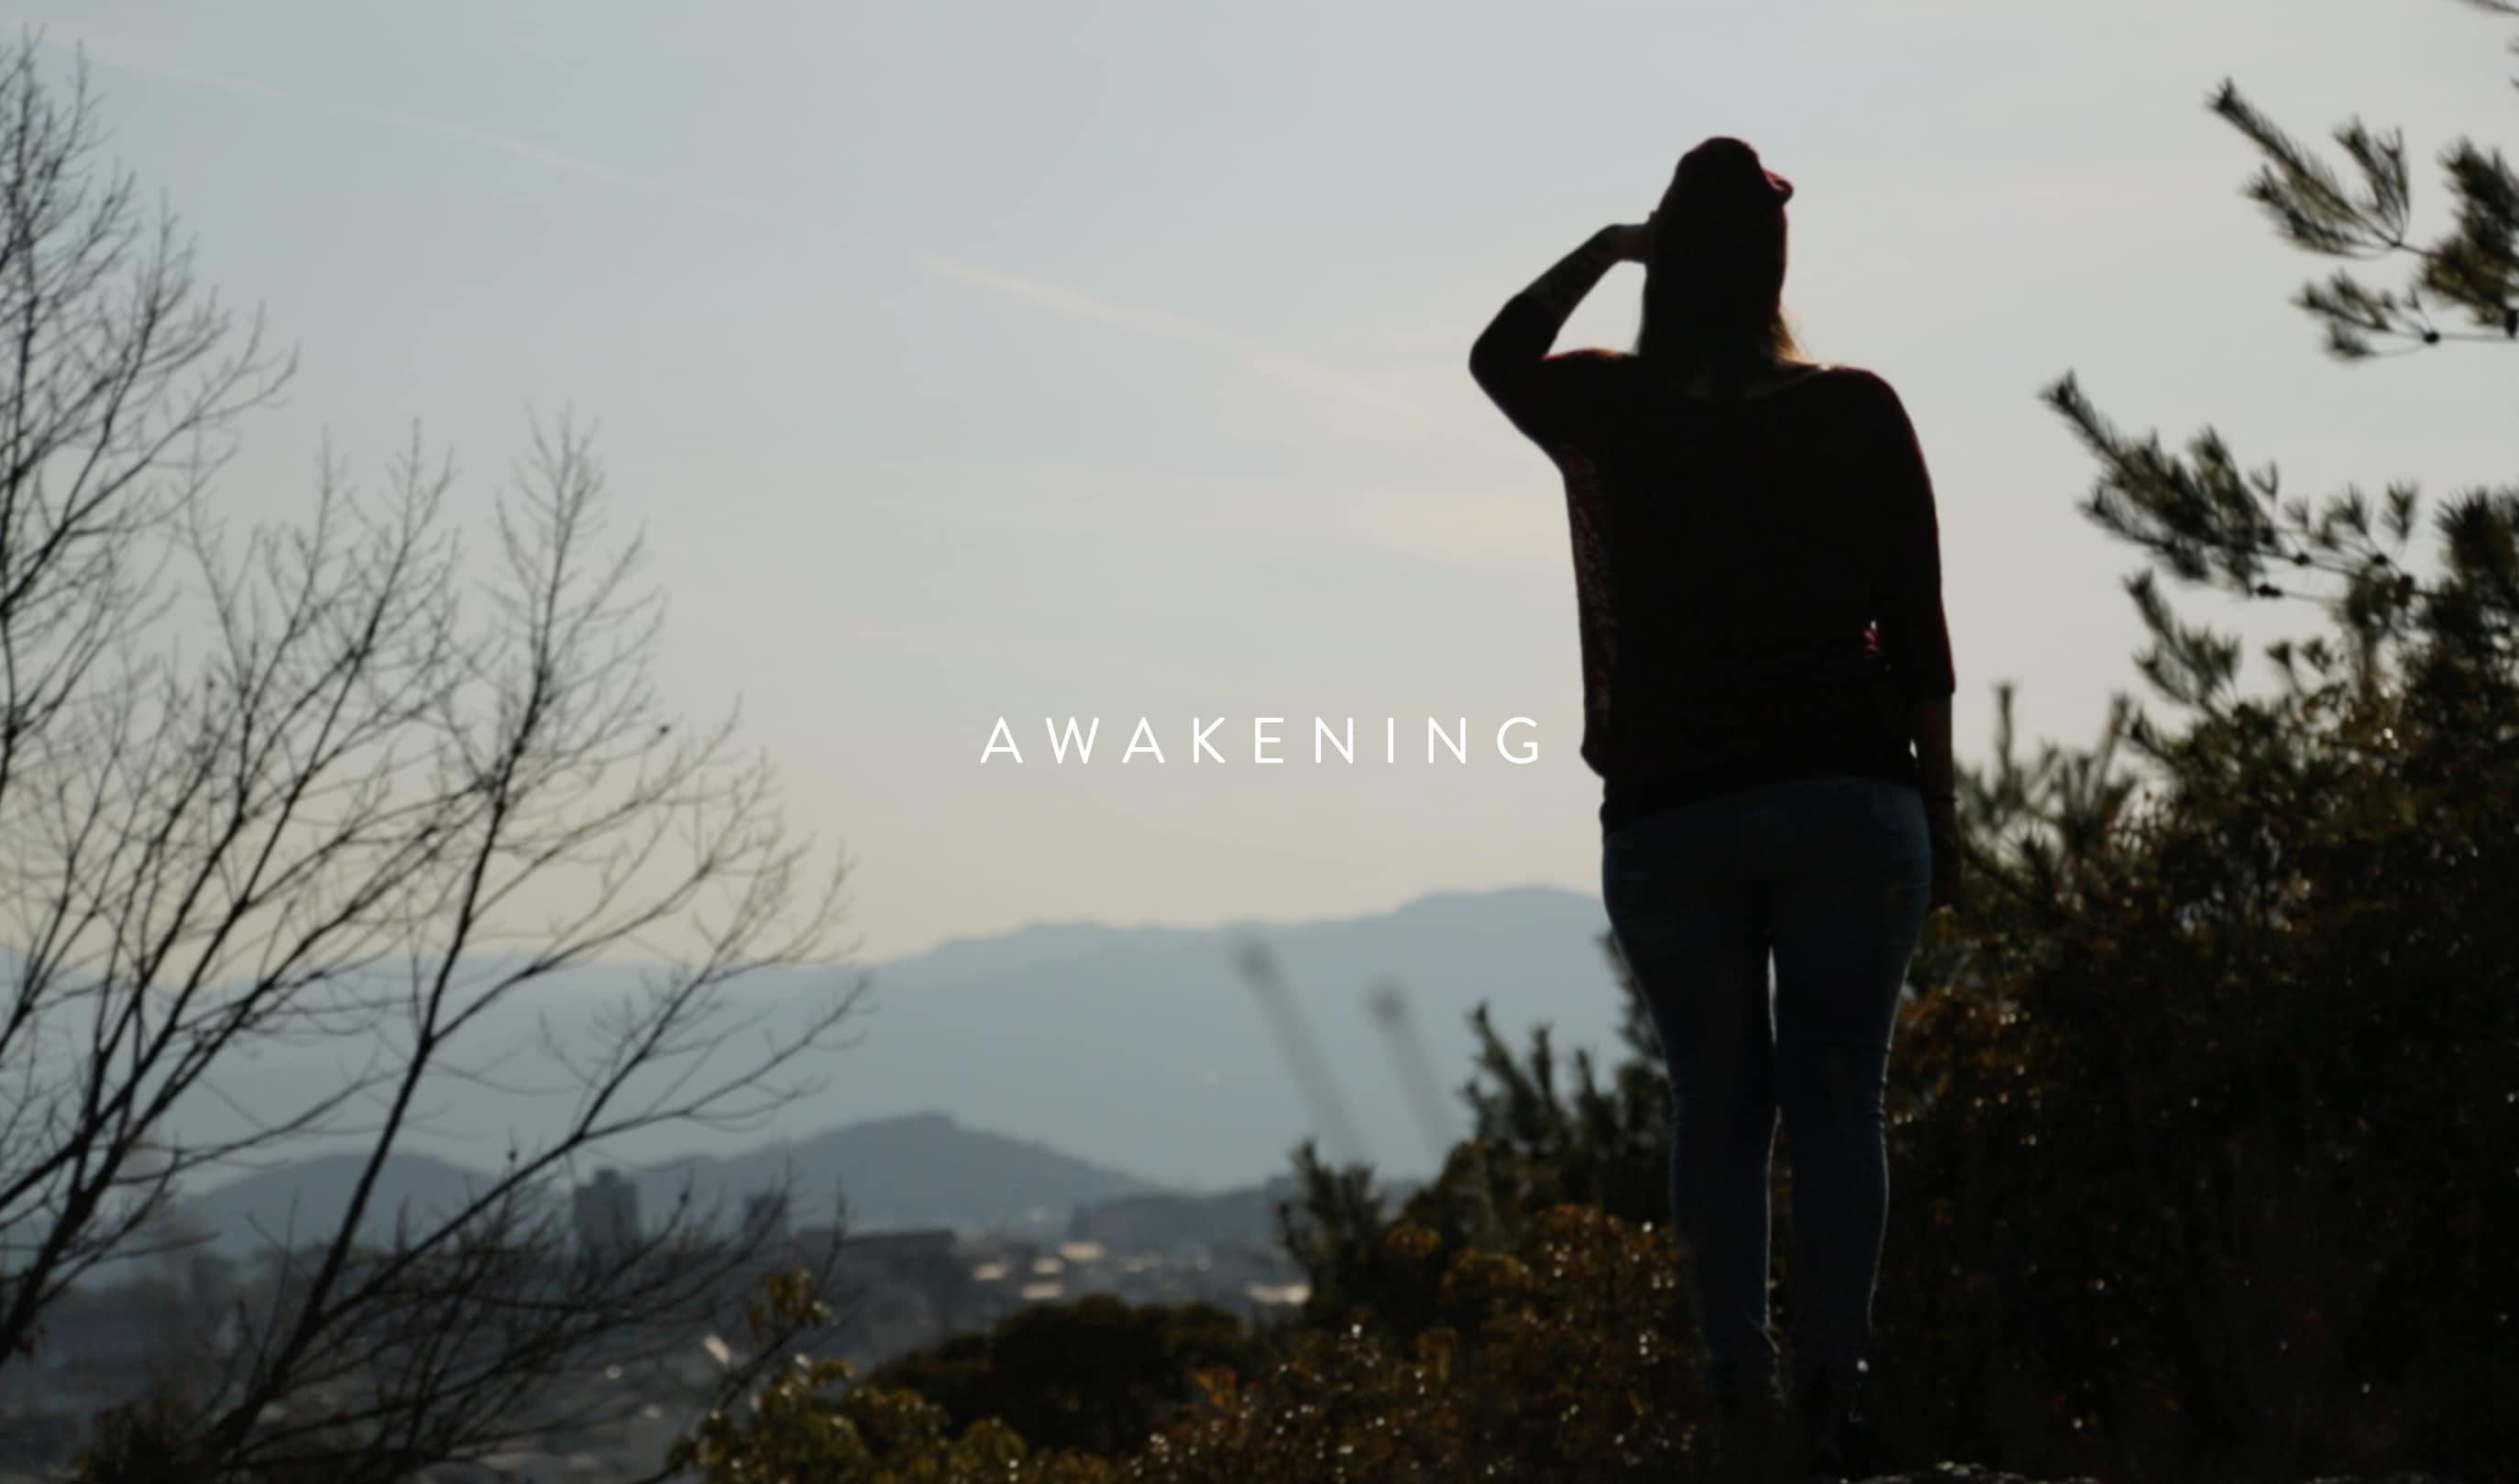 Kinlake-Japan-Awakening-Kyoto-Still-04